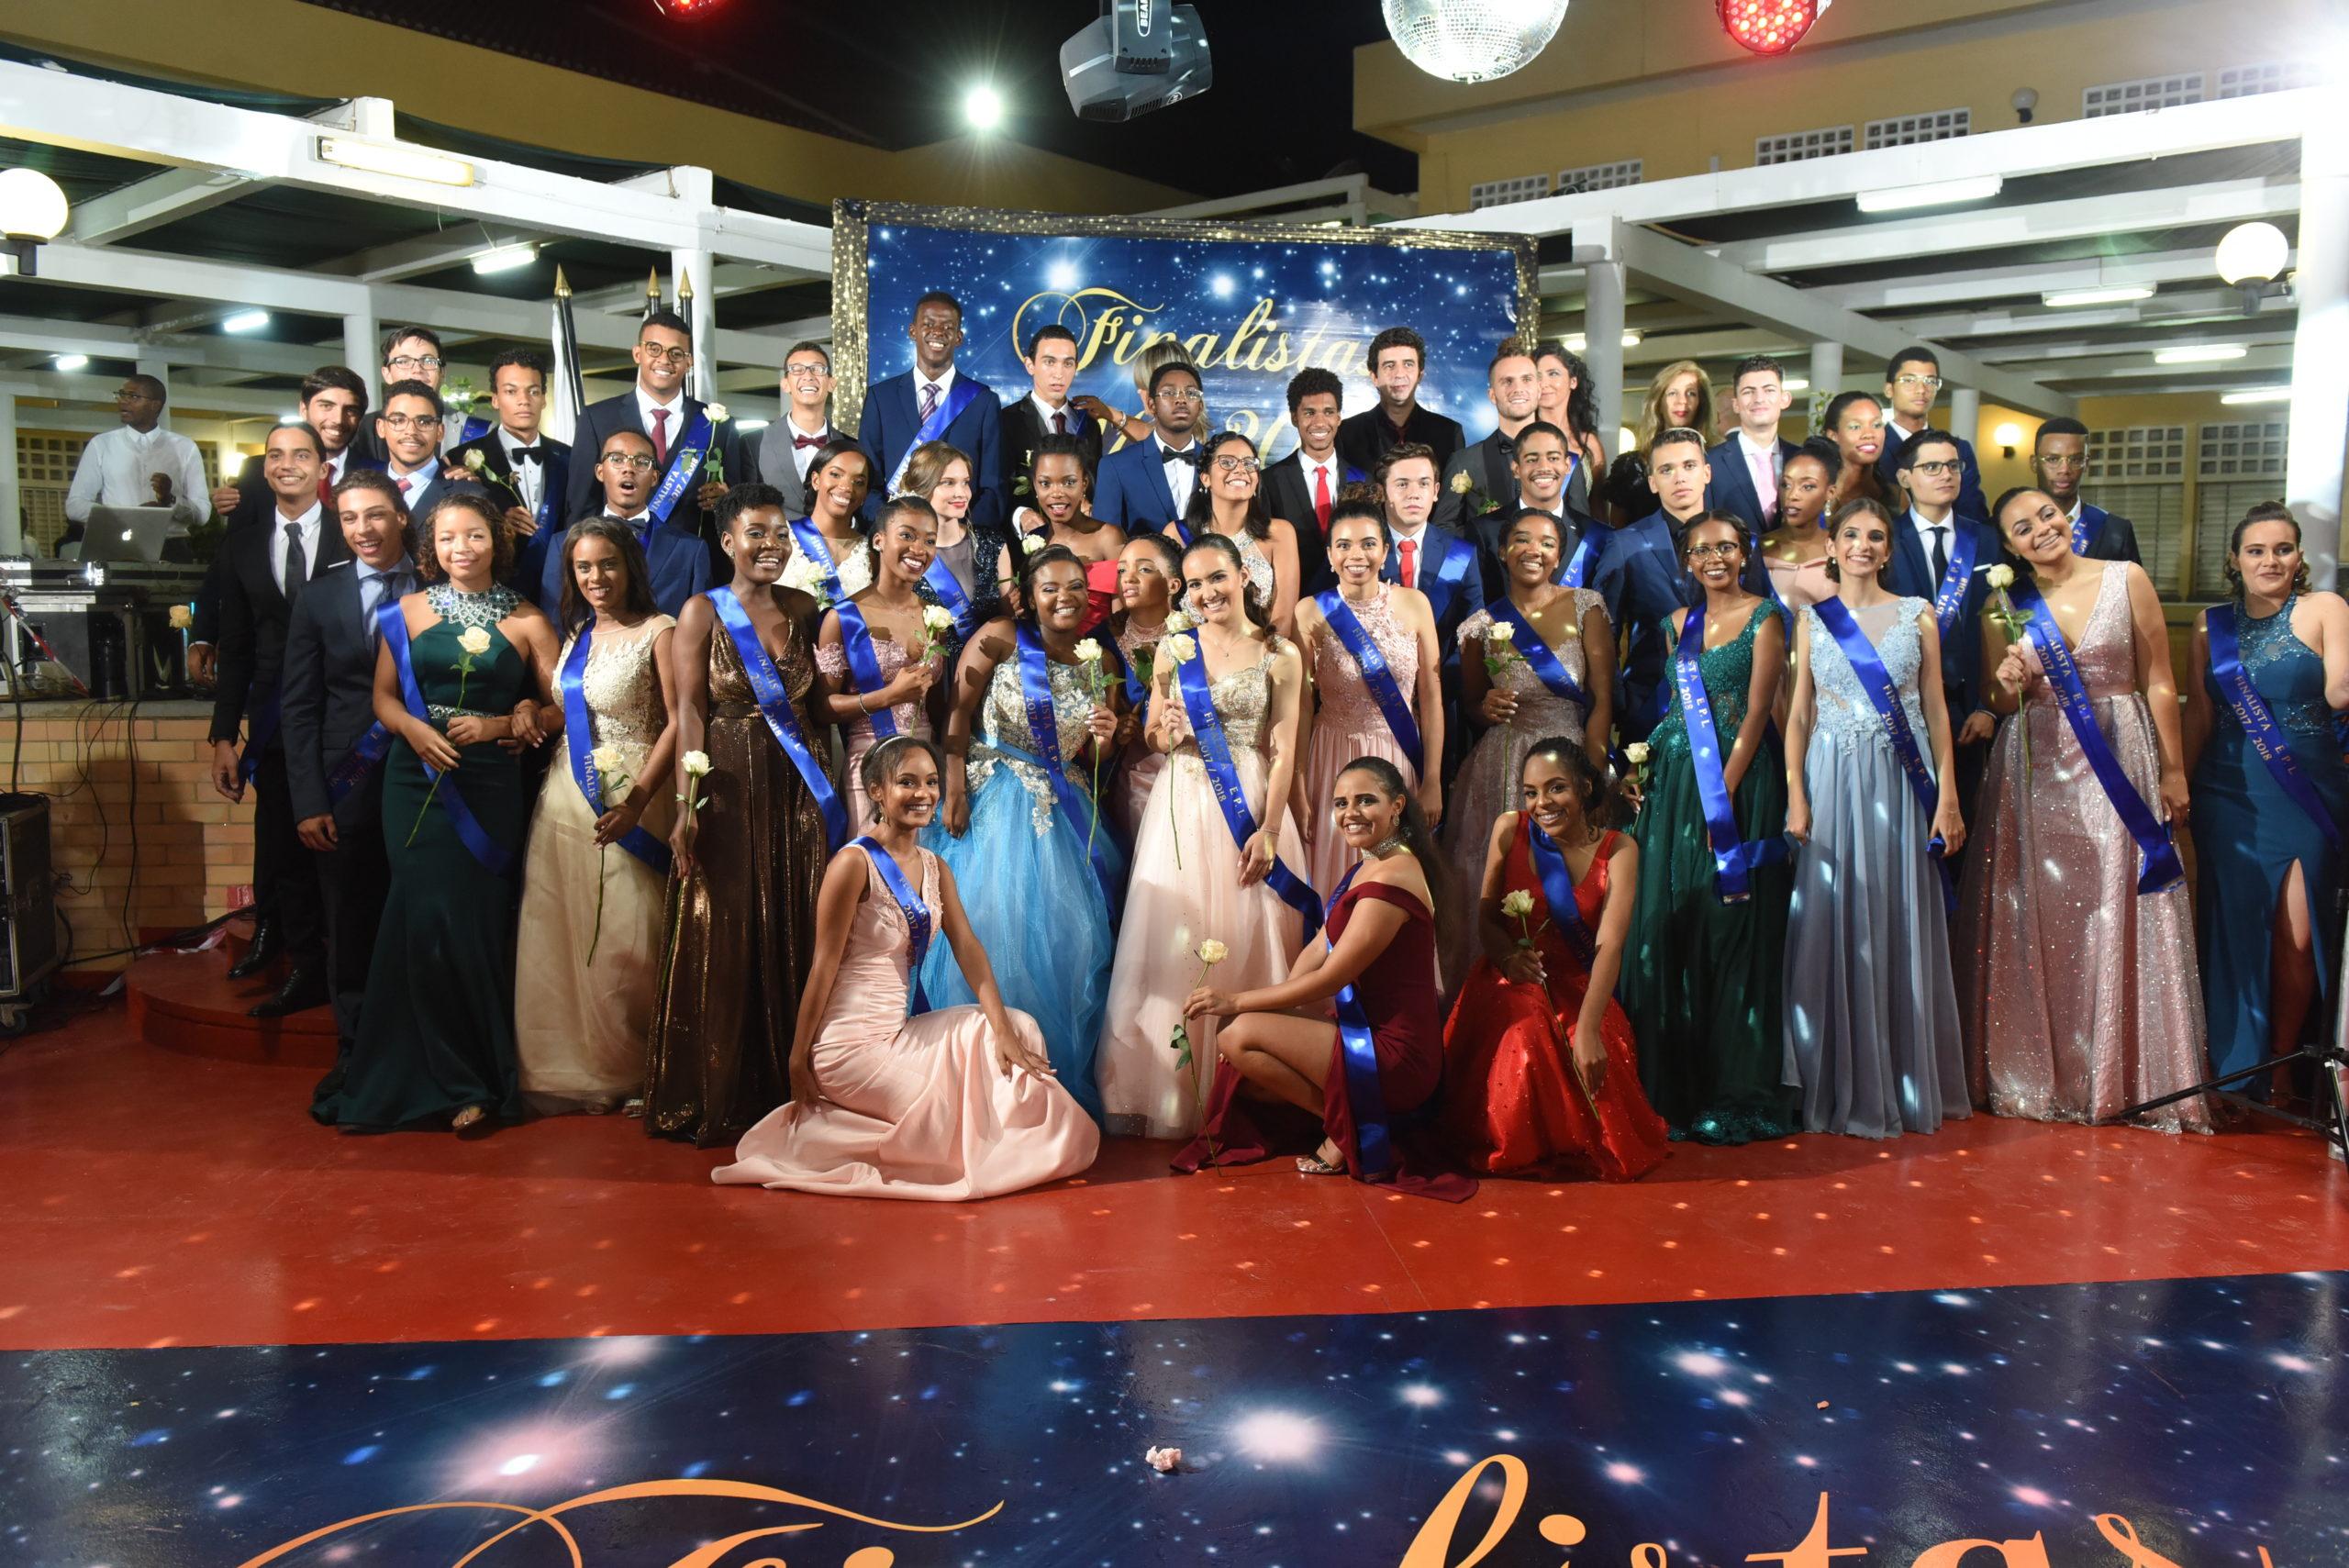 Baile finalistas 2017-2018